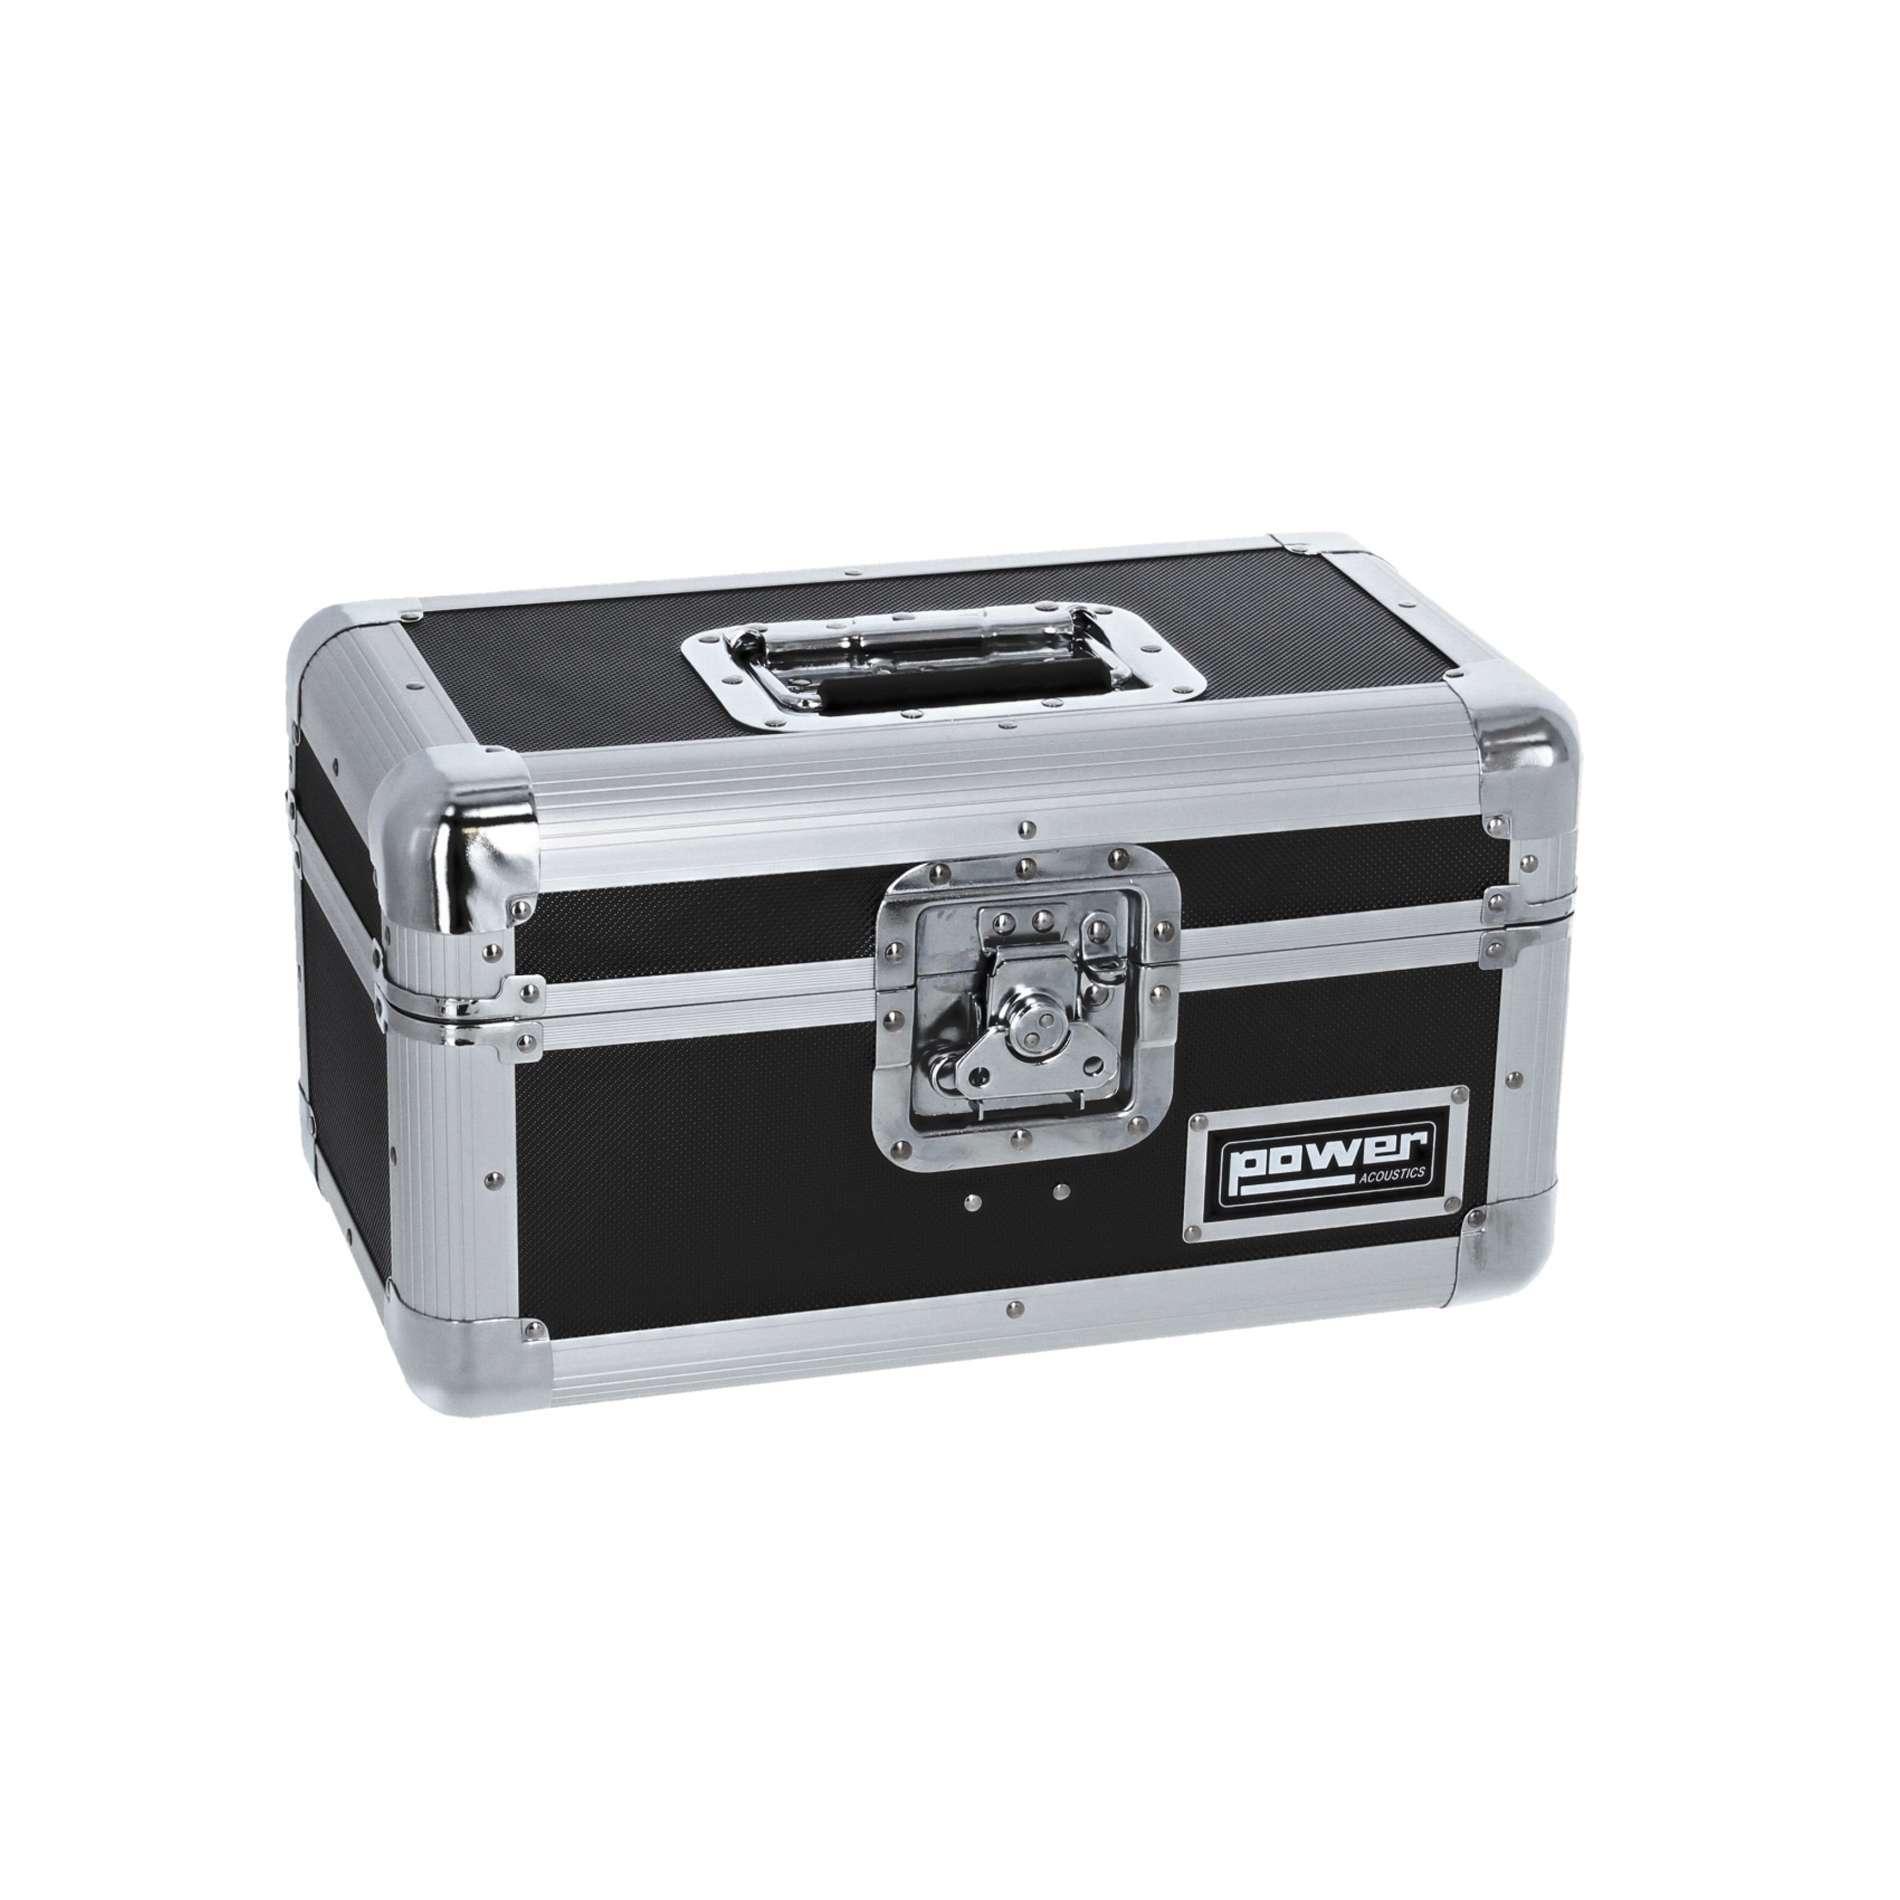 Rangement Vinyl 45 Tours fl rcase 45-120bl-valise pour rangement 120 vinyles 45t